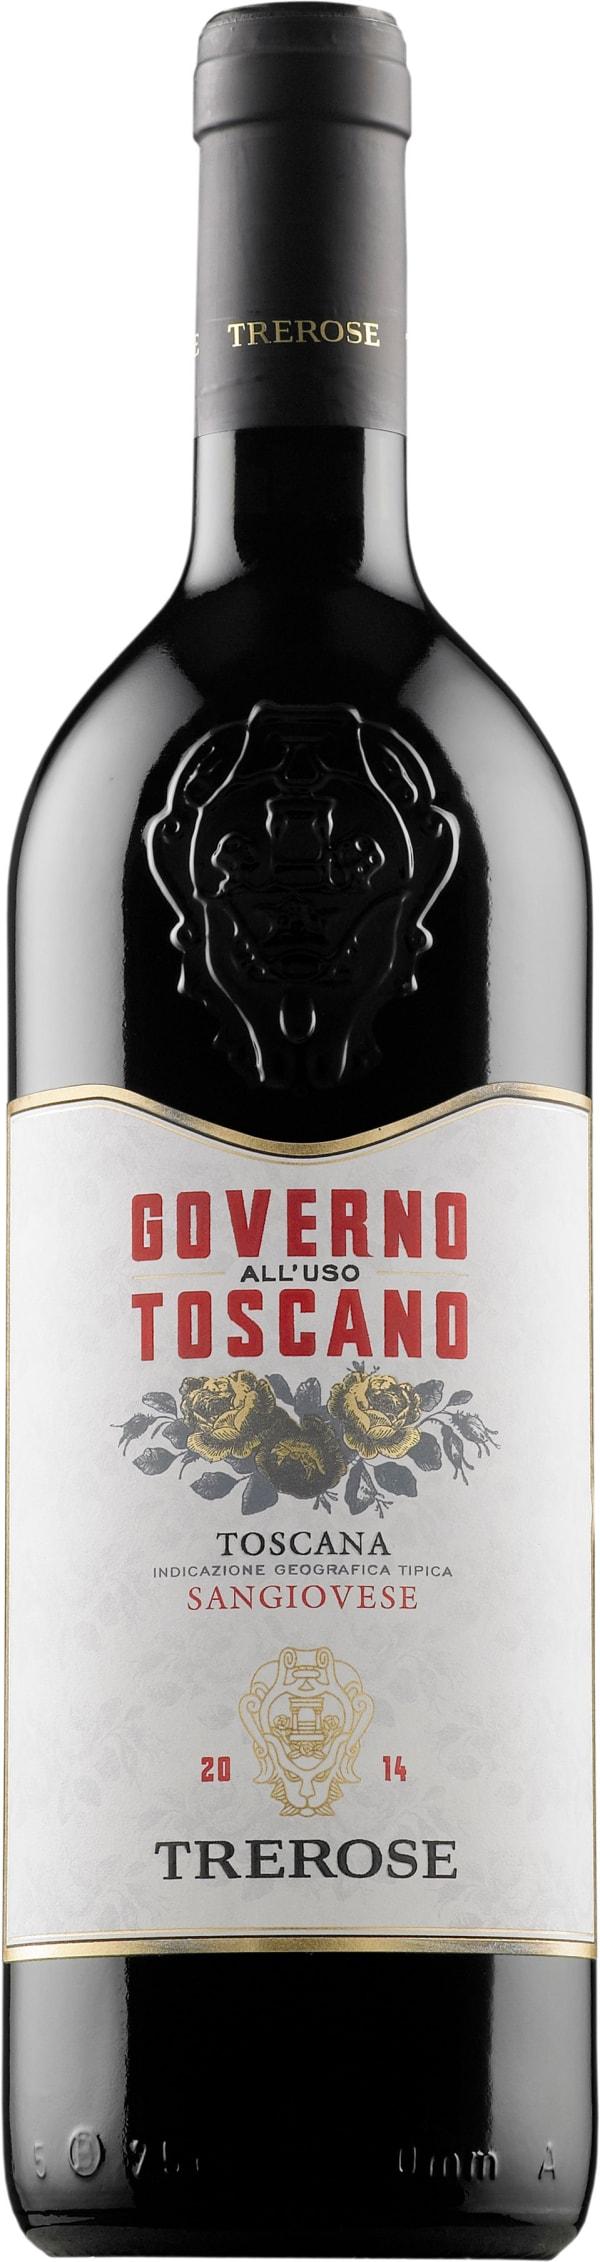 Tre Rose Governo all'Uso Toscano 2016